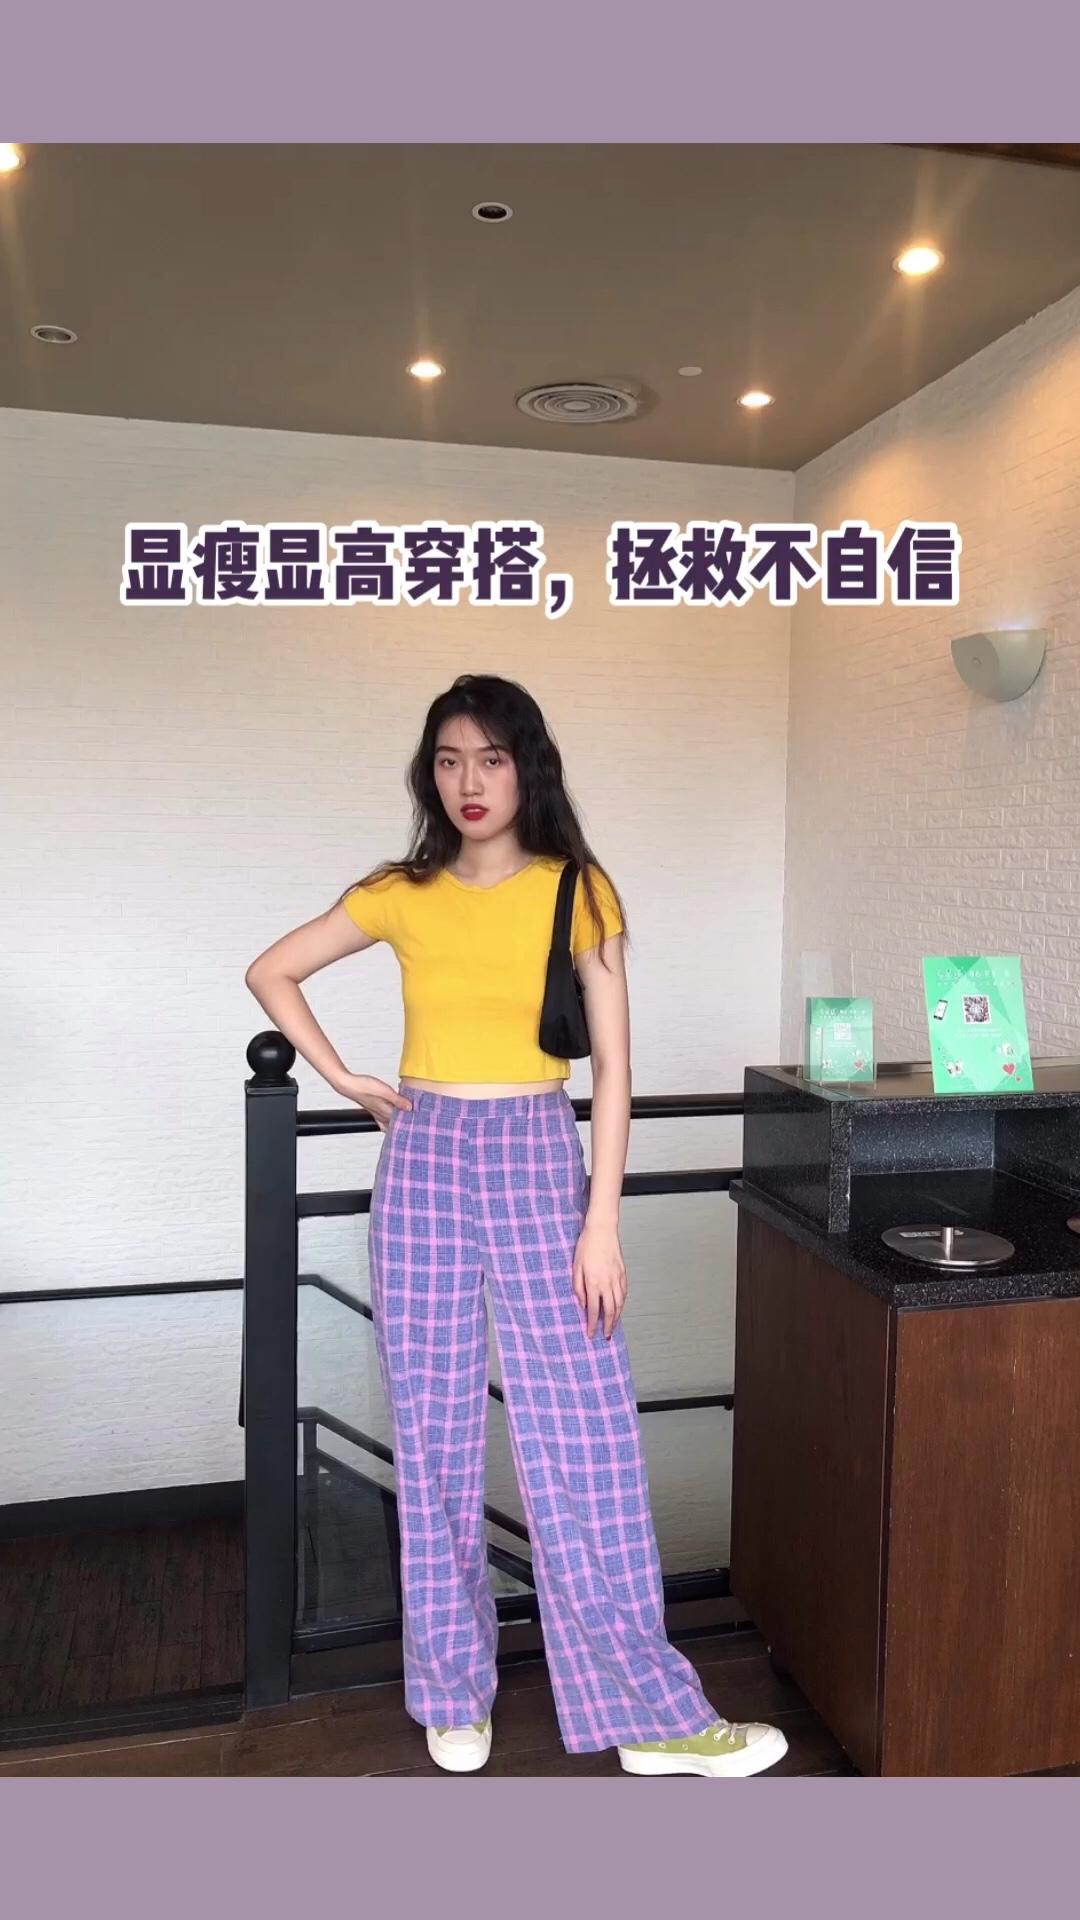 显高显瘦让你增高10cm 黄色短款T➕格子裤,穿上特显瘦显气质 有颜色才叫夏天#微胖女孩的减肥式穿搭#